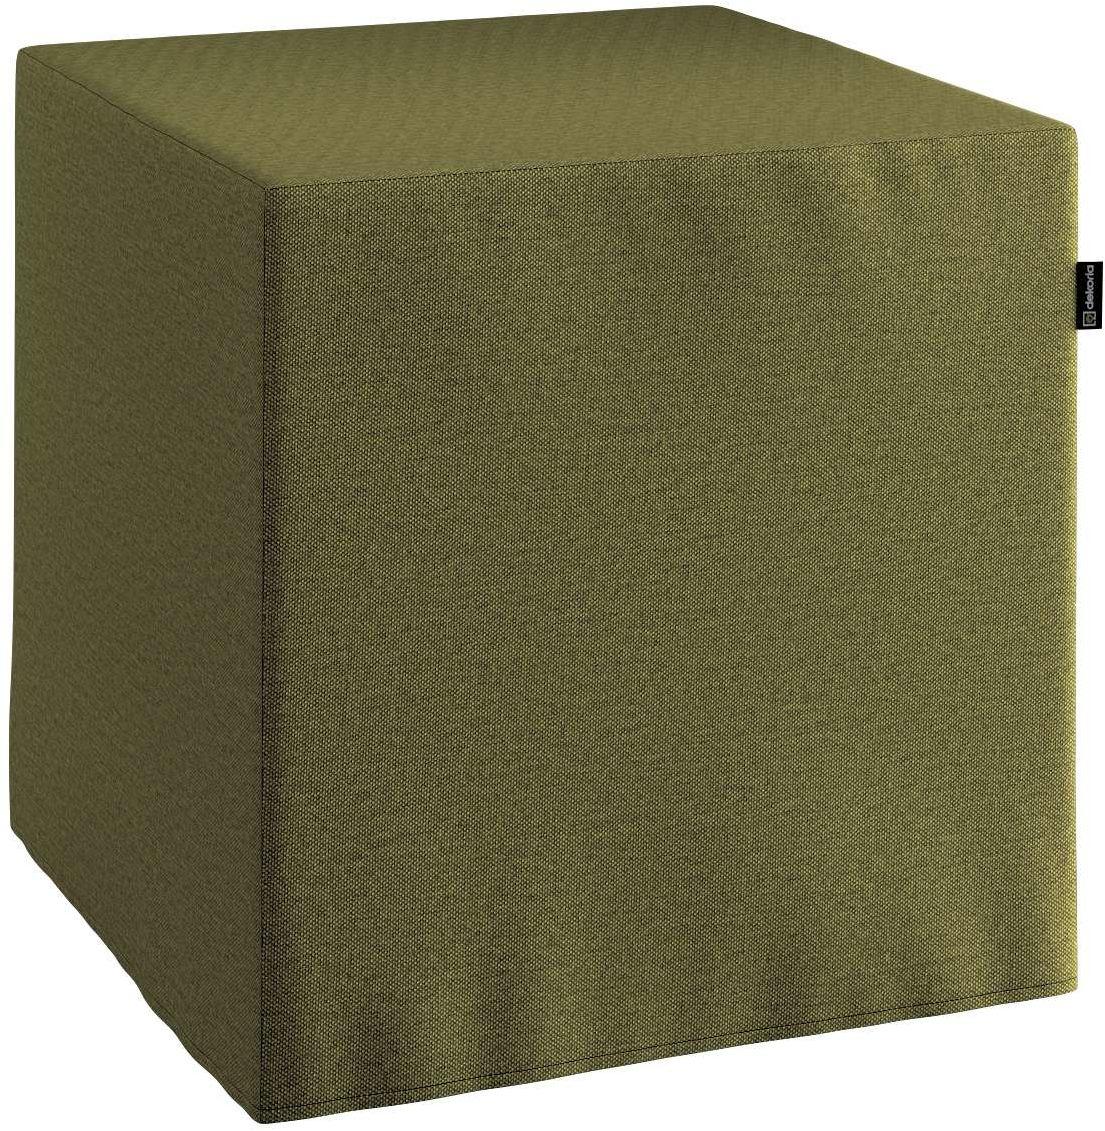 Pufa kostka, oliwkowa zieleń, 40  40  40 cm, Etna